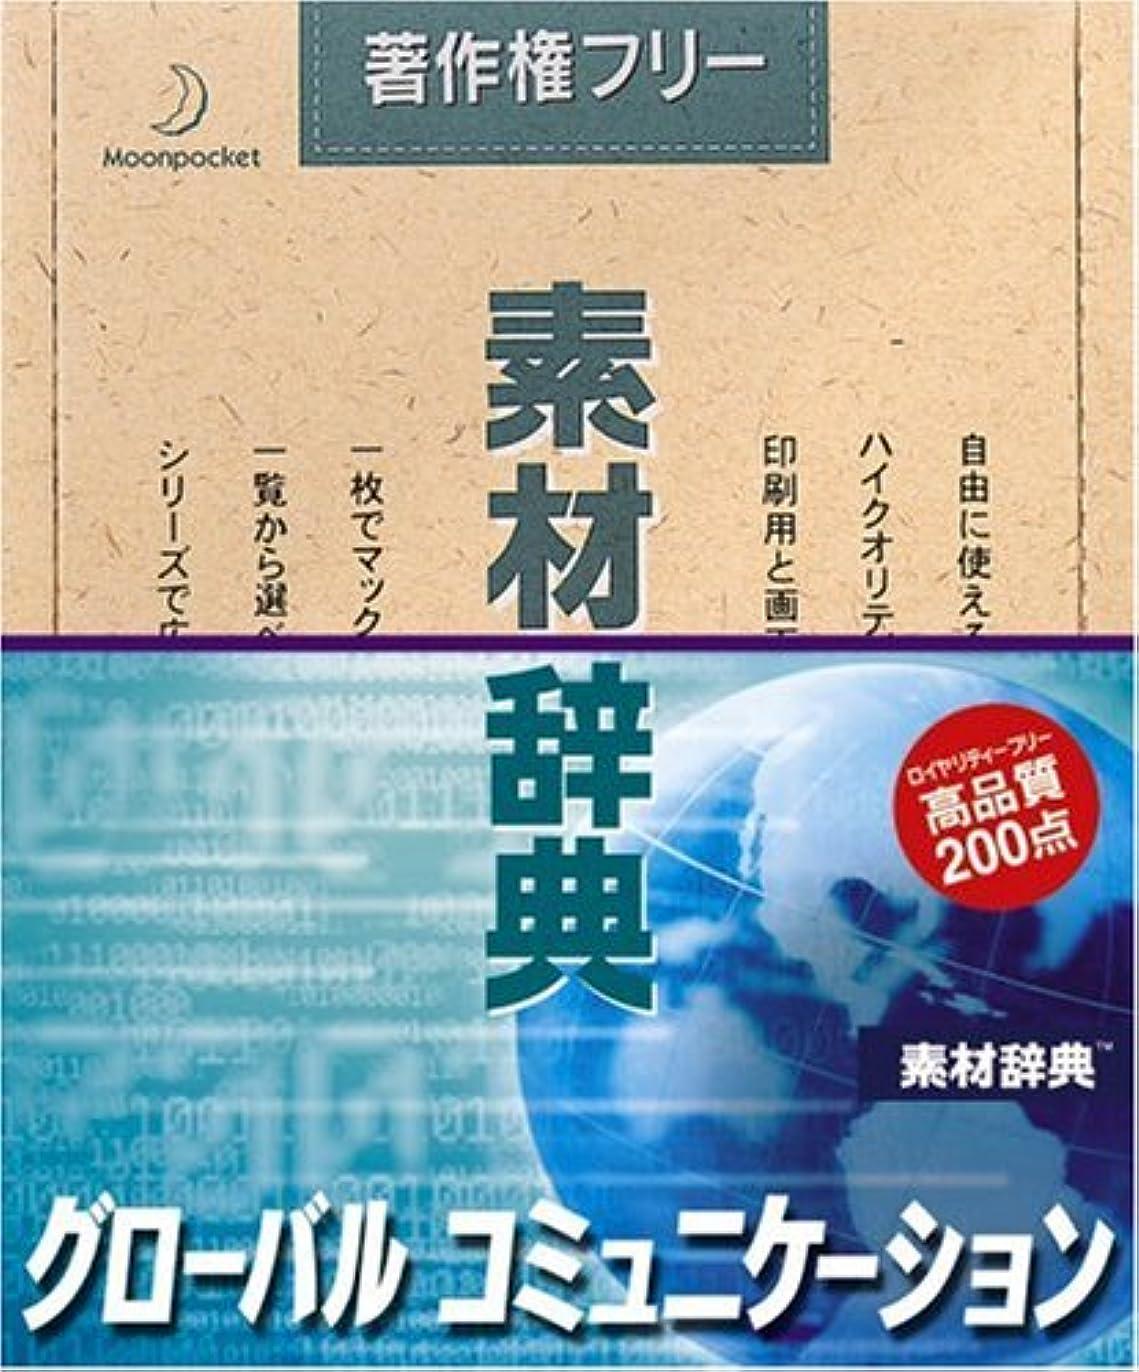 フェザー賭け収穫素材辞典 Vol.117 グローバル コミュニケーション編